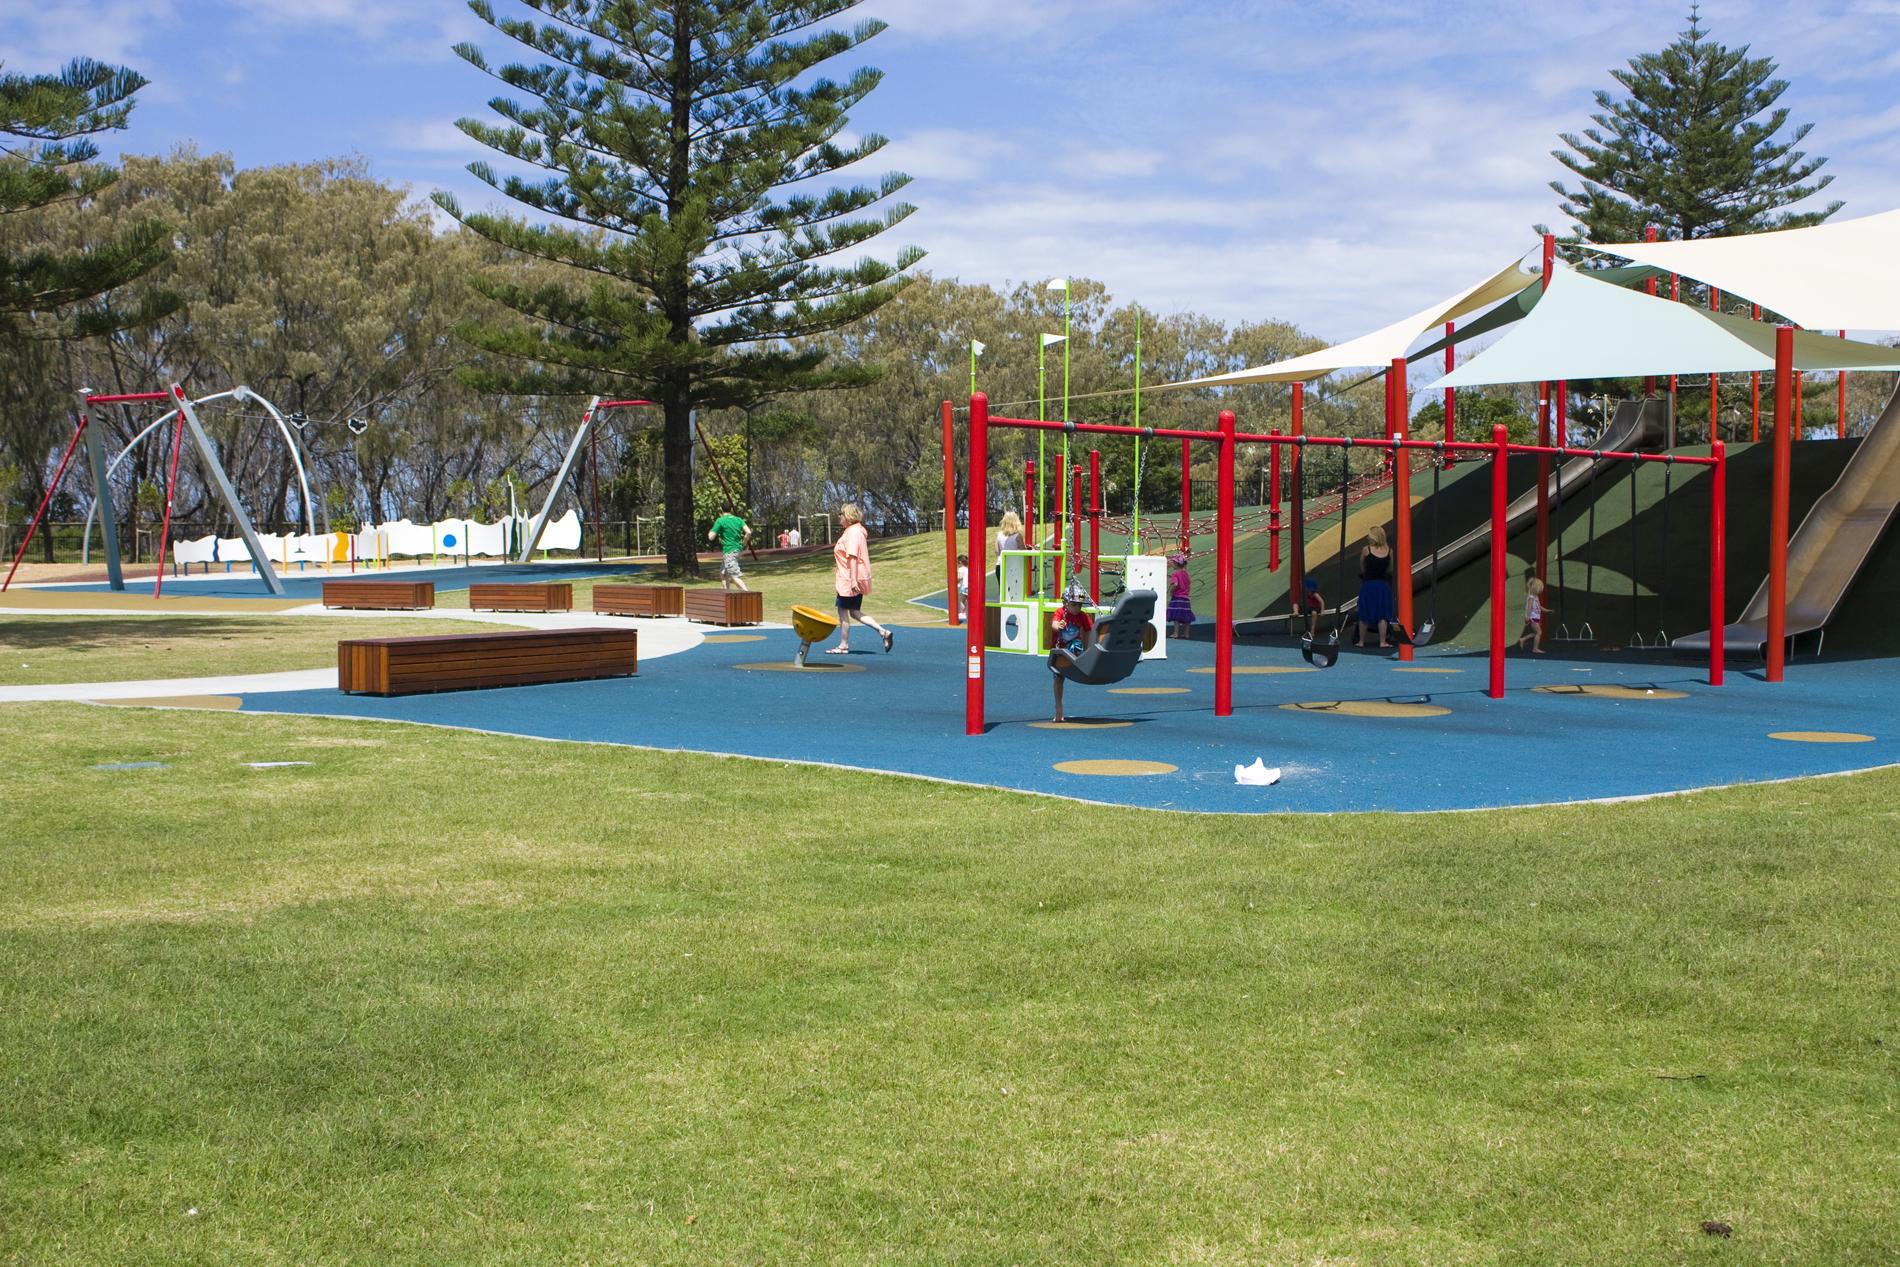 Kurrawa All Abilities Playground